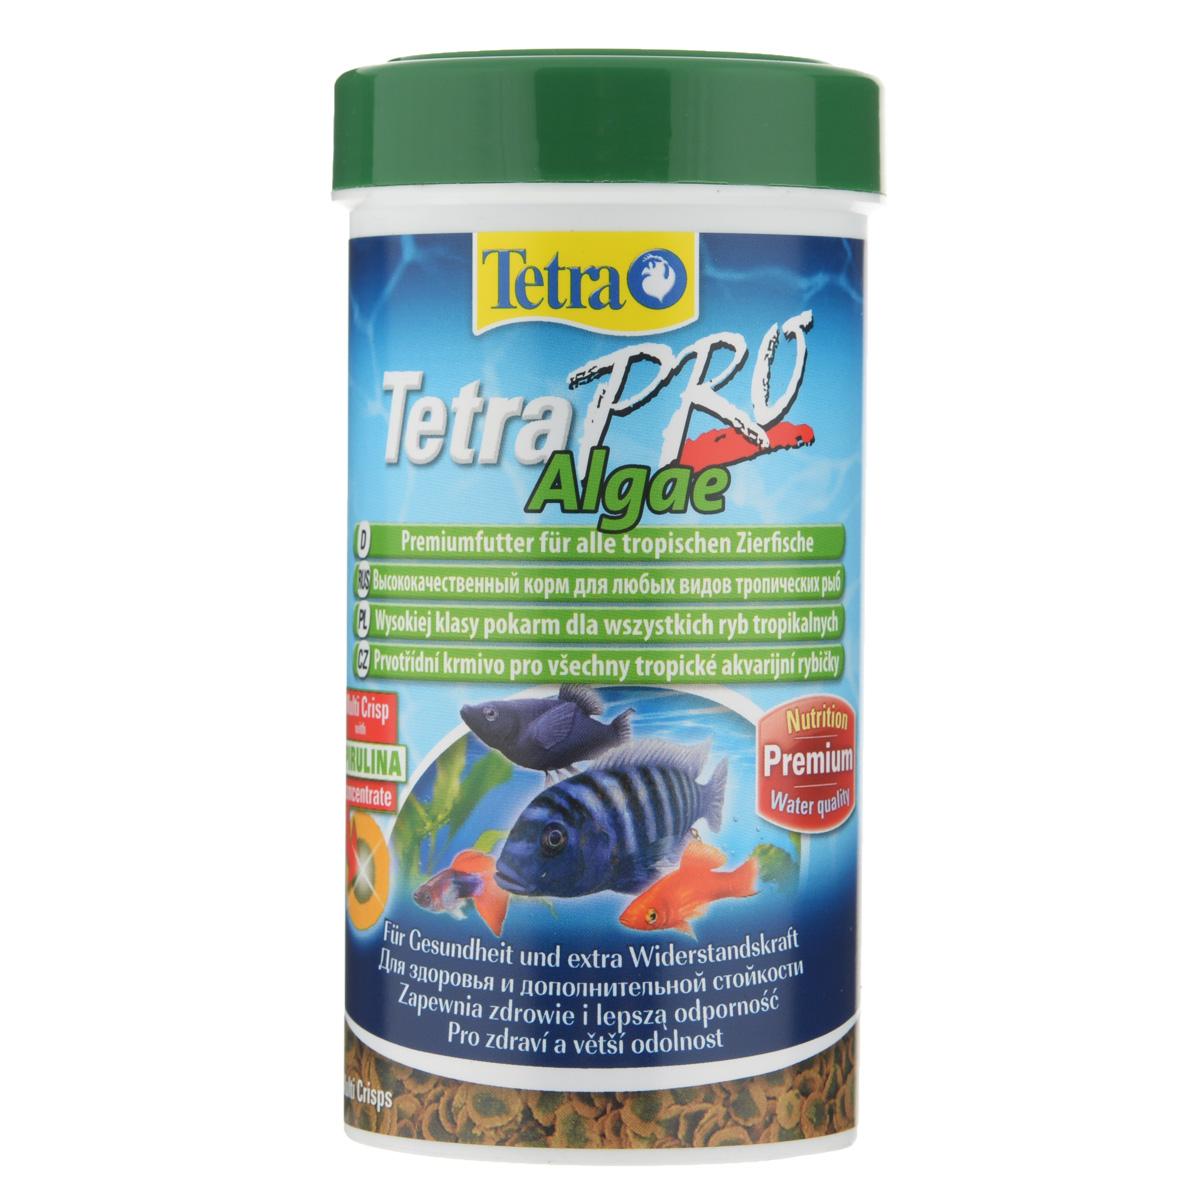 Корм сухой Tetra TetraPro. Algae для всех видов тропических рыб, чипсы, 250 мл (45 г)139121Полноценный высококачественный корм Tetra TetraPro. Algae для всех видов тропических рыб разработан для поддержания здоровья и придания дополнительной стойкости. Особенности Tetra TetraPro. Algae: - щадящая низкотемпературная технология изготовления для высокой питательной ценности и стабильности витаминов; - концентрат спирулина для повышения сопротивляемости организма; - инновационная форма чипсов для минимального загрязнения воды; - идеально подходит для растительноядных рыб; - легкое кормление. Рекомендации по кормлению: кормить несколько раз в день маленькими порциями. Состав: рыба и побочные рыбные продукты, зерновые культуры, экстракты растительного белка, дрожжи, моллюски и раки, масла и жиры, водоросли (спирулина 1%). Аналитические компоненты: сырой белок - 46%, сырые масла и жиры - 12%, сырая клетчатка - 3%, влага - 9%. Добавки: витамины, провитамины и химические вещества с аналогичным воздействием,...